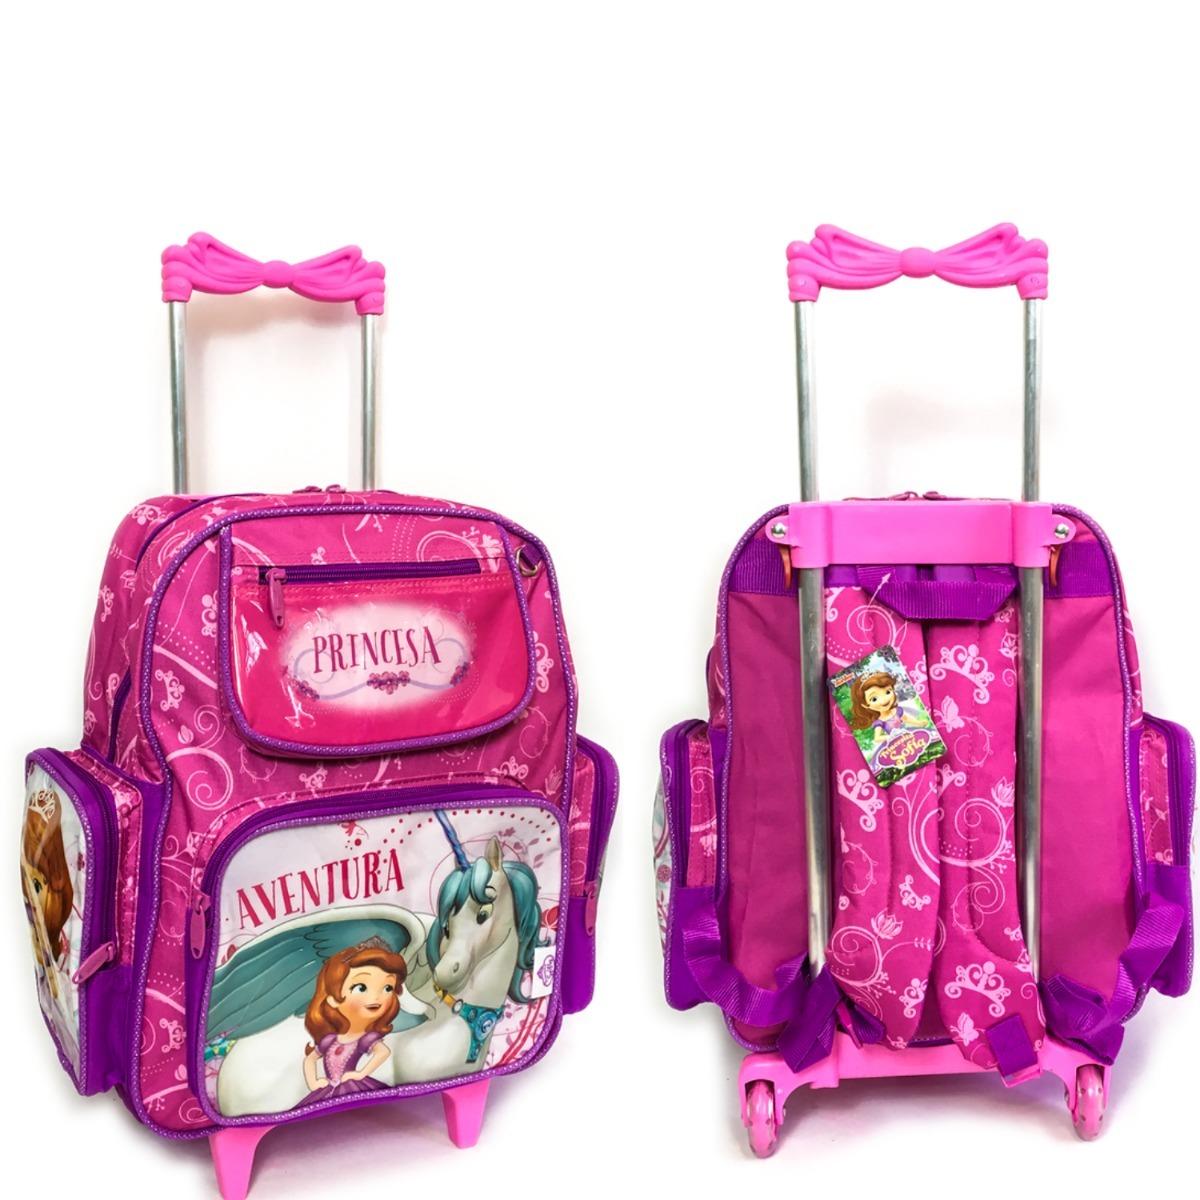 73c4c98bb7 kit mochila escolar c rodinhas princesa sofia lancheira 2019. Carregando  zoom.